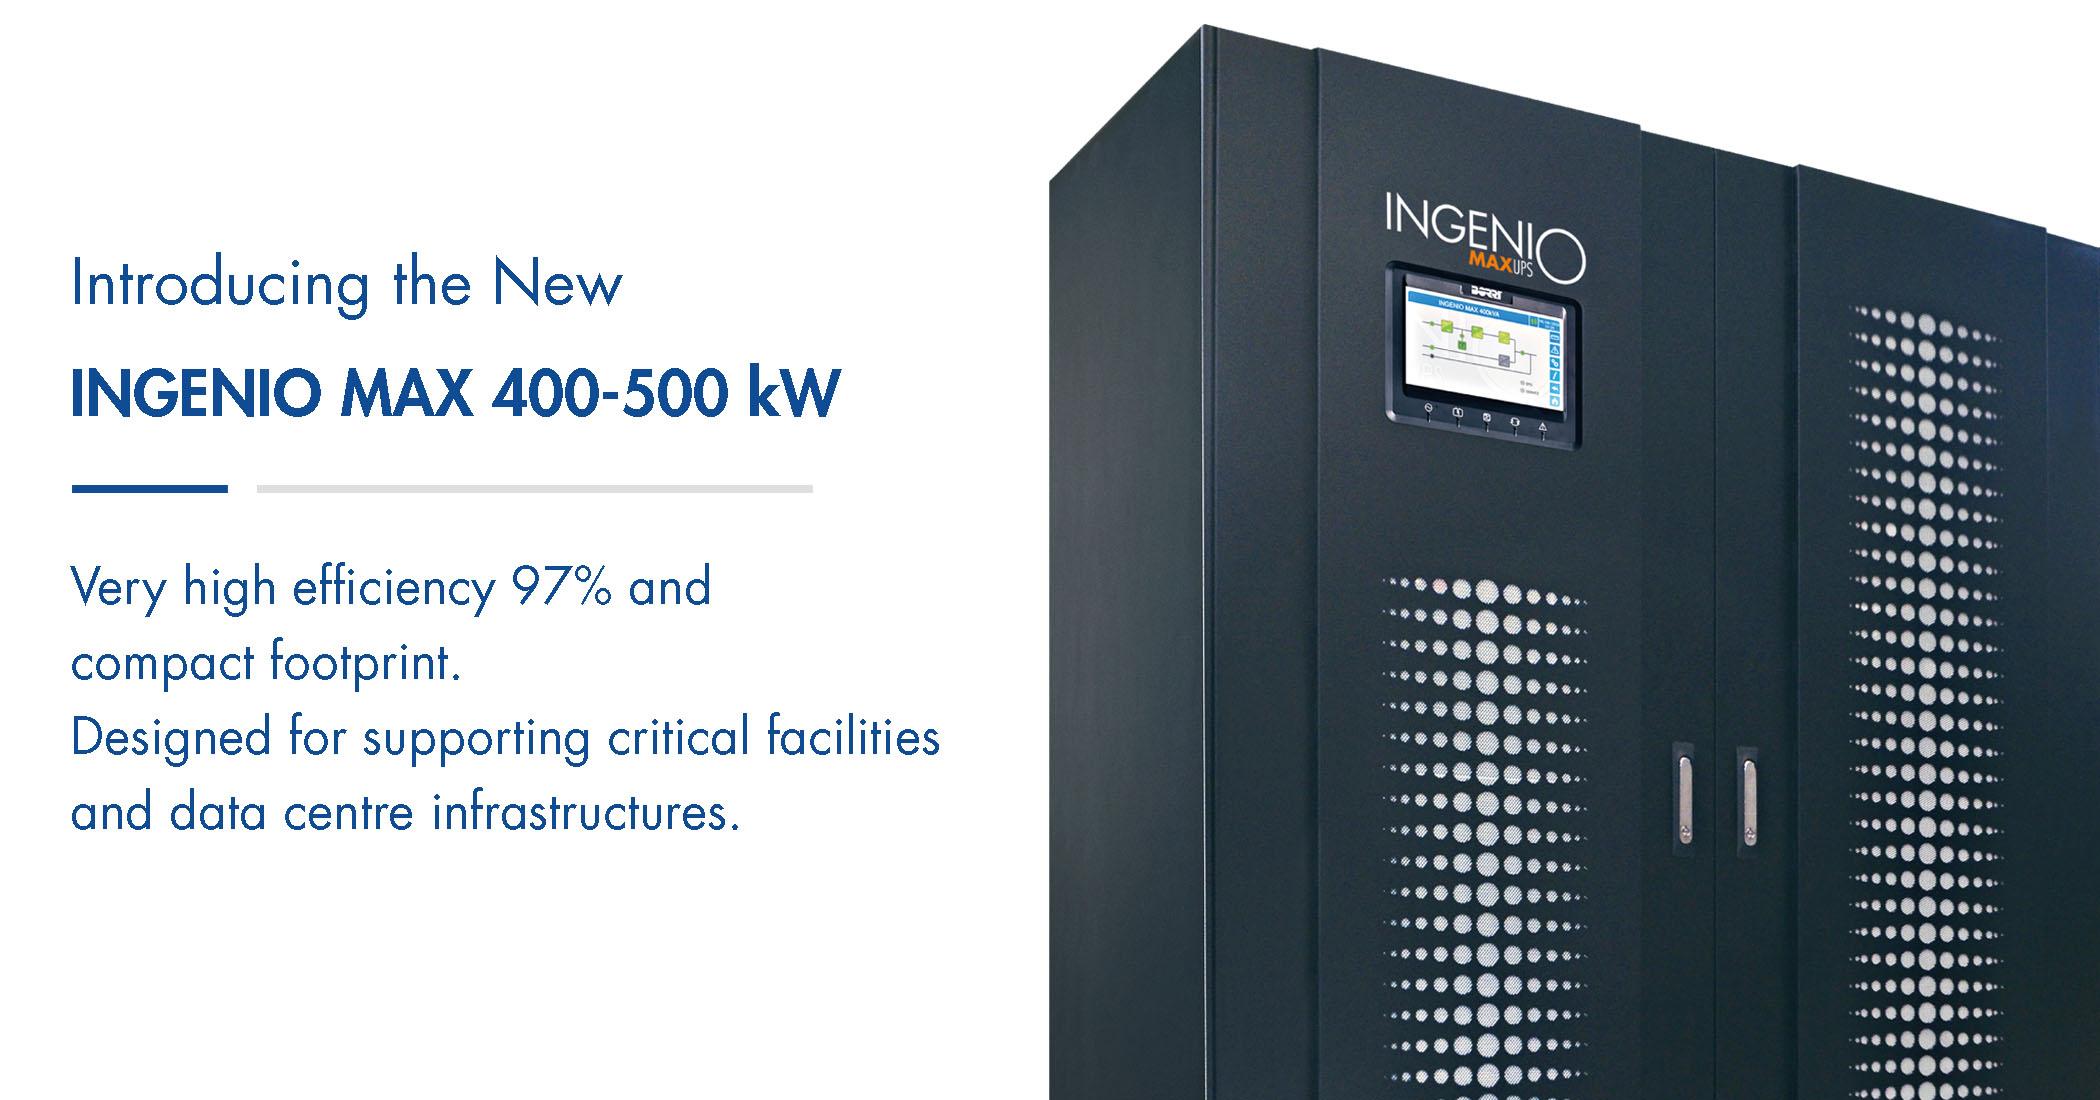 Ingenio MAX 400-500 kW UPS